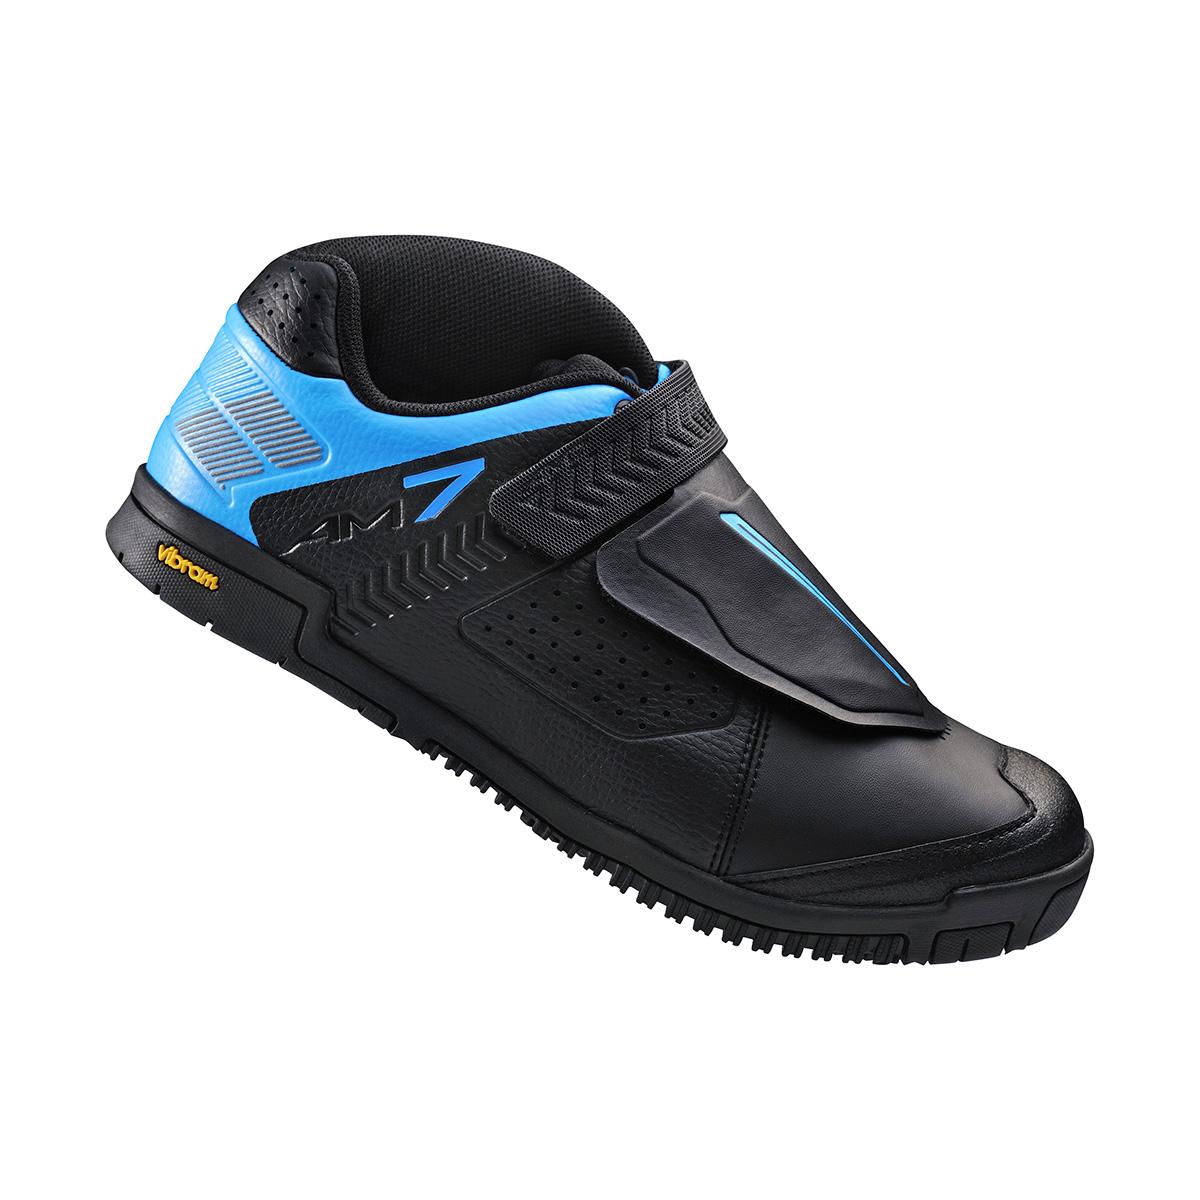 ESHAM7NC370SL00 Shimano (AM7) Flat MTB Shoe